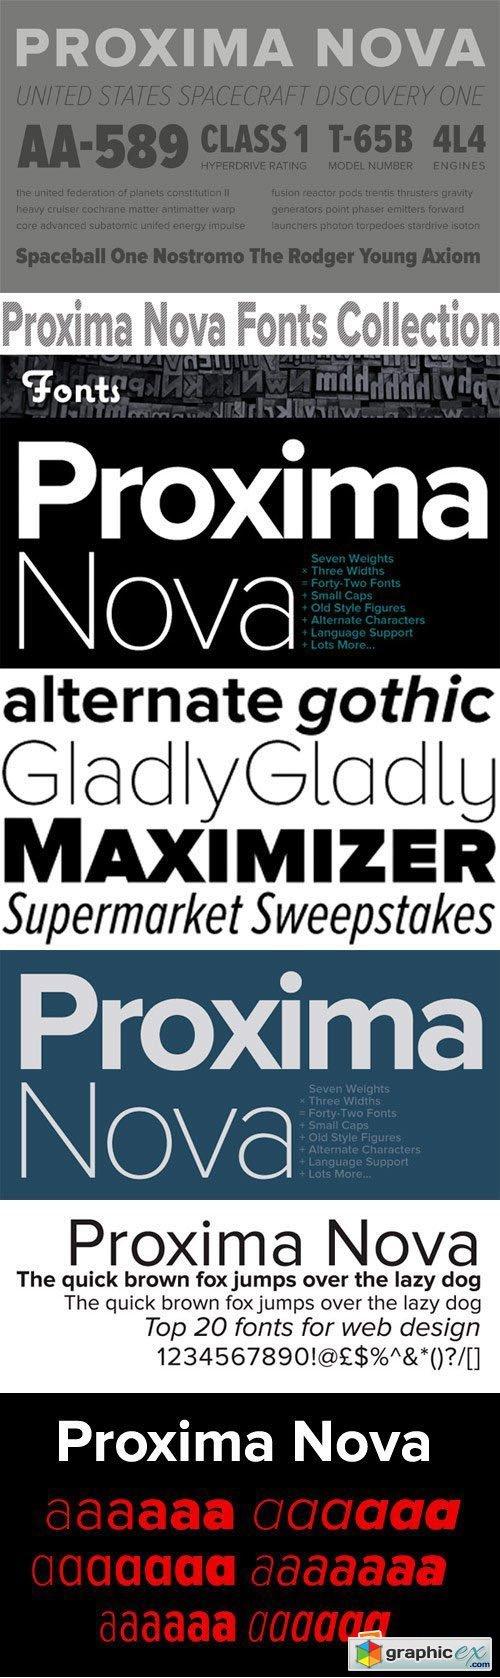 Proxima Nova Font Family - 126 Fonts for $644 » Free Download Vector